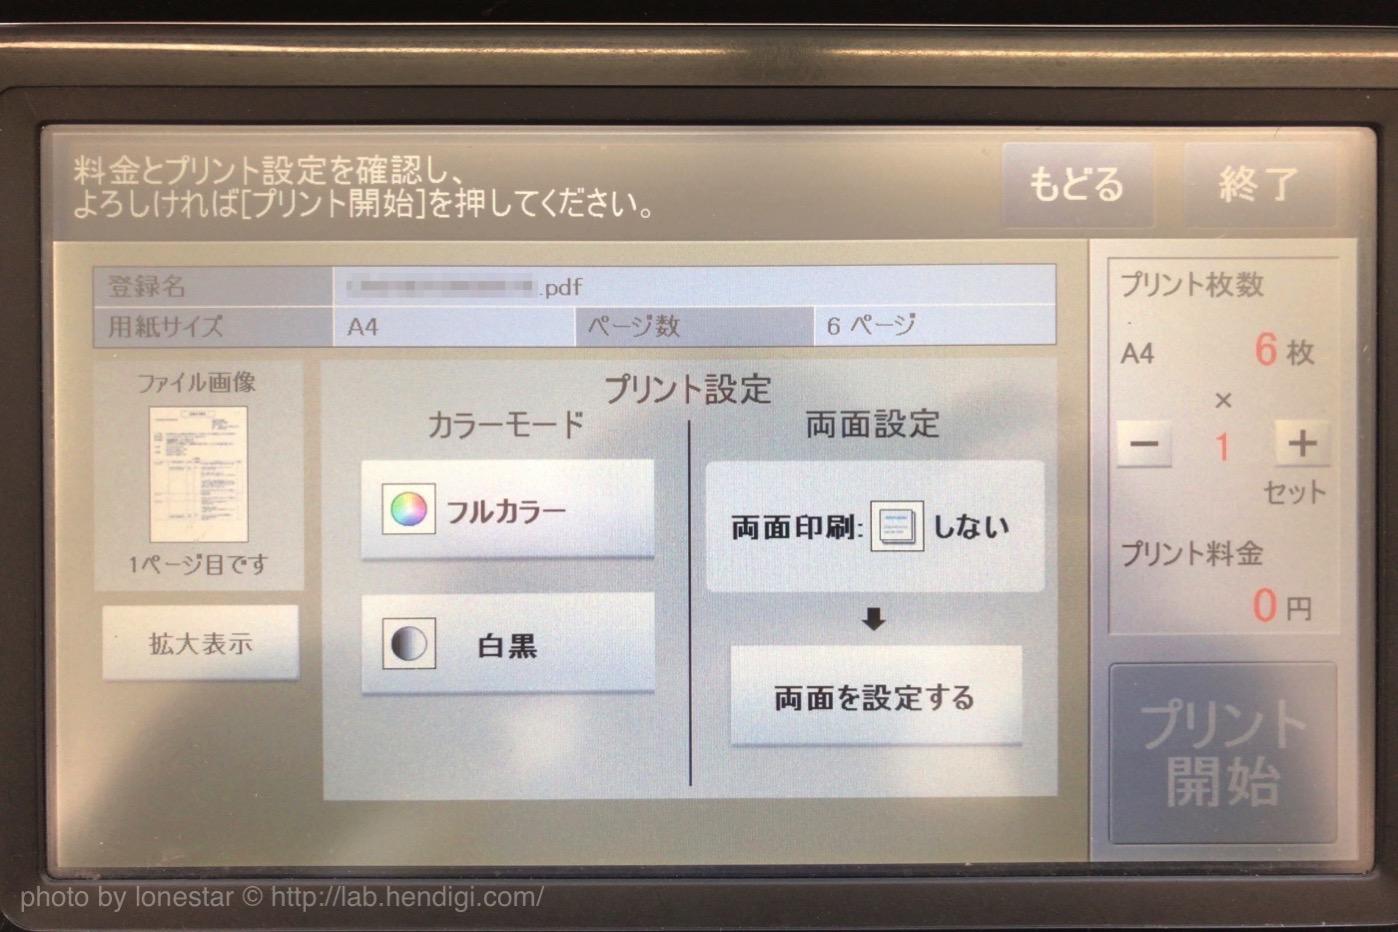 マルチコピー機 PDF